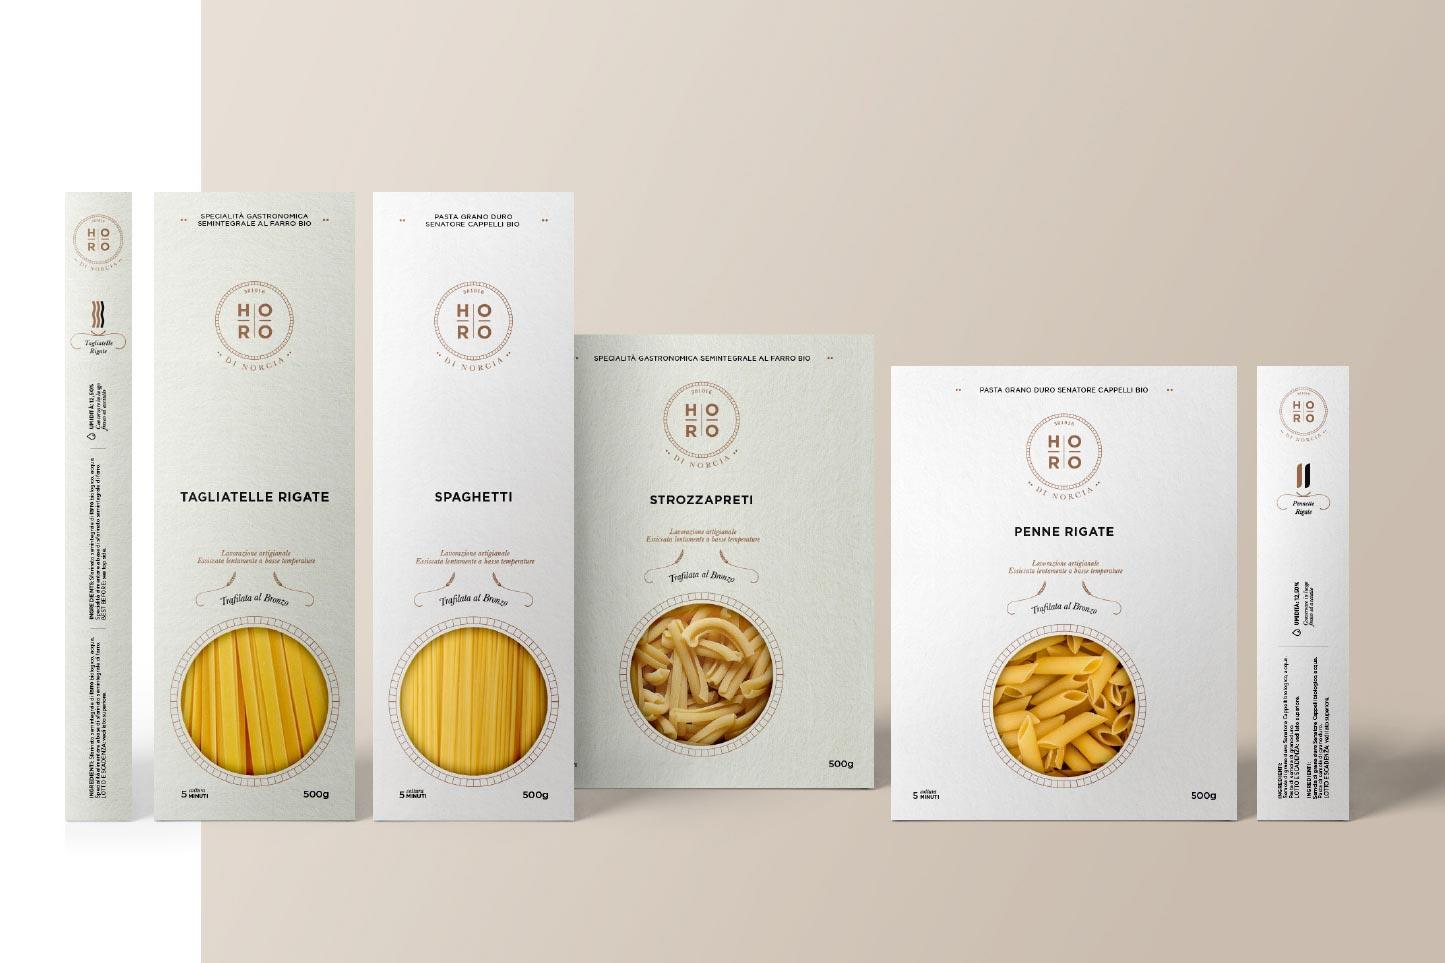 Realizzazione immagine coordinata per Horo di Norcia | Hammer ADV | Packaging Pasta